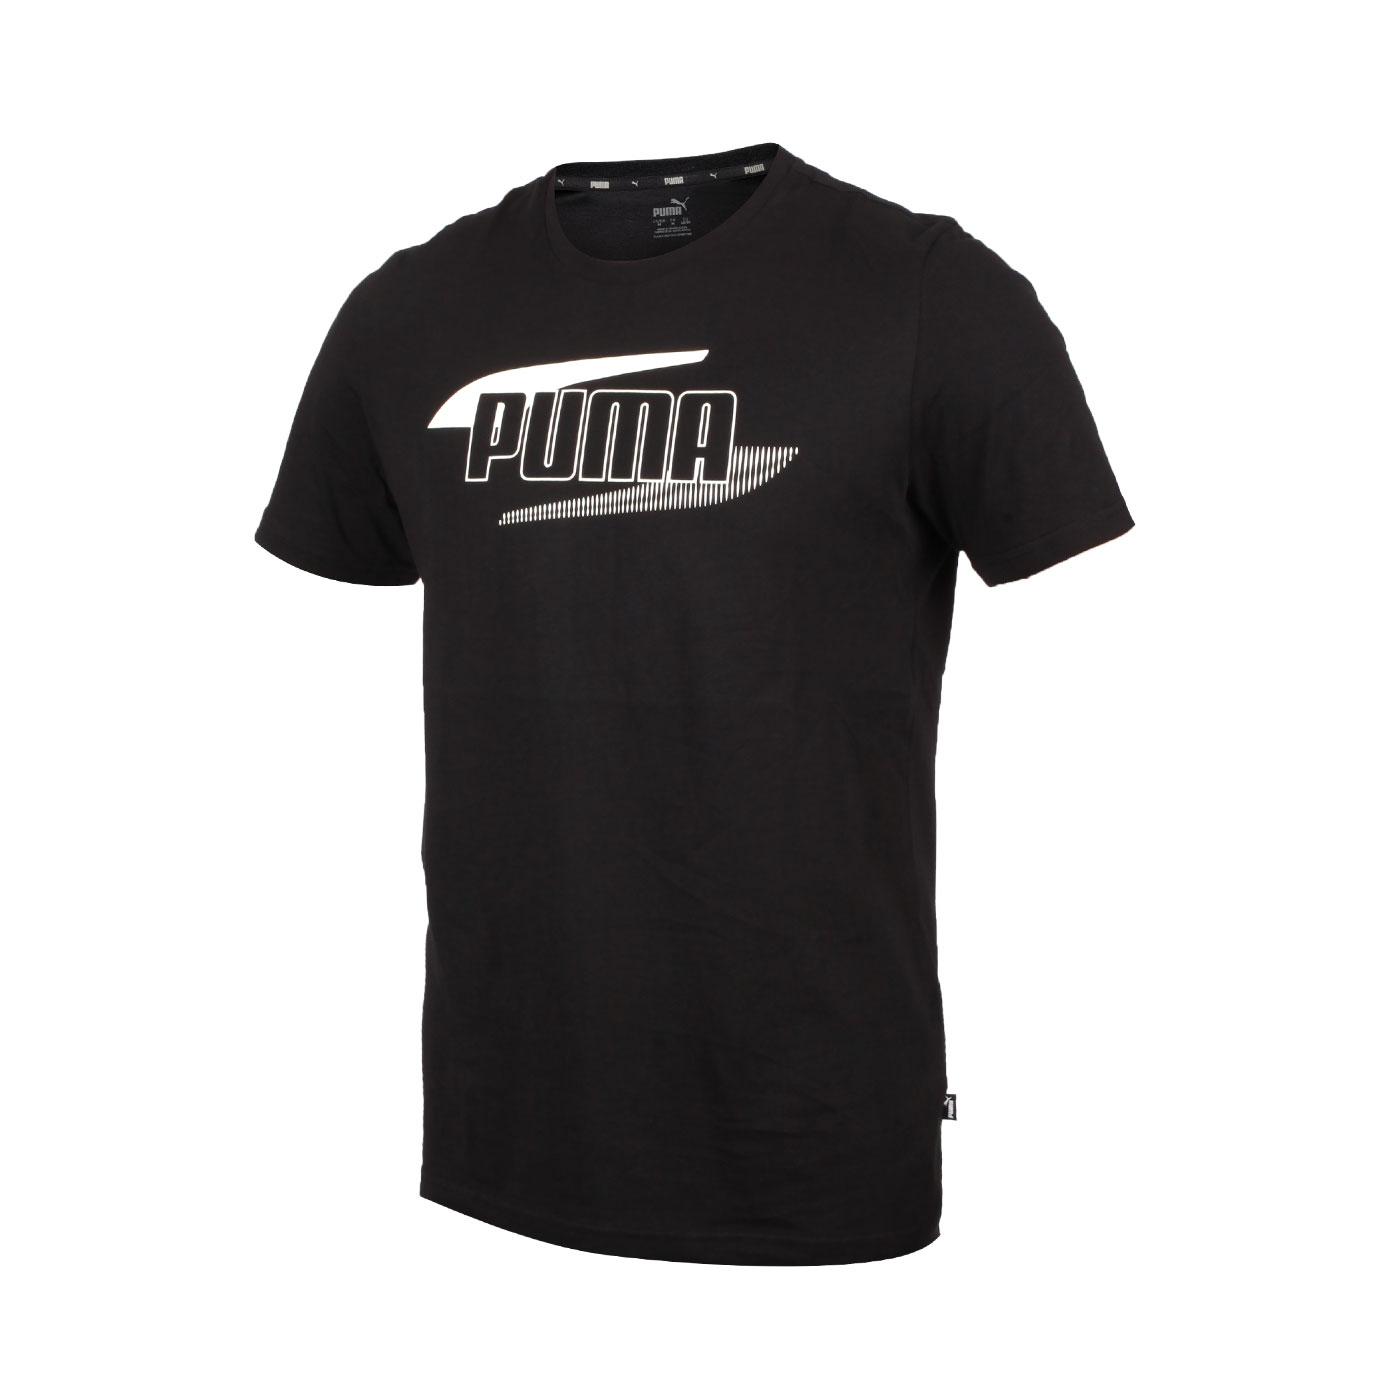 PUMA 男款短袖T恤 58348851 - 黑米白